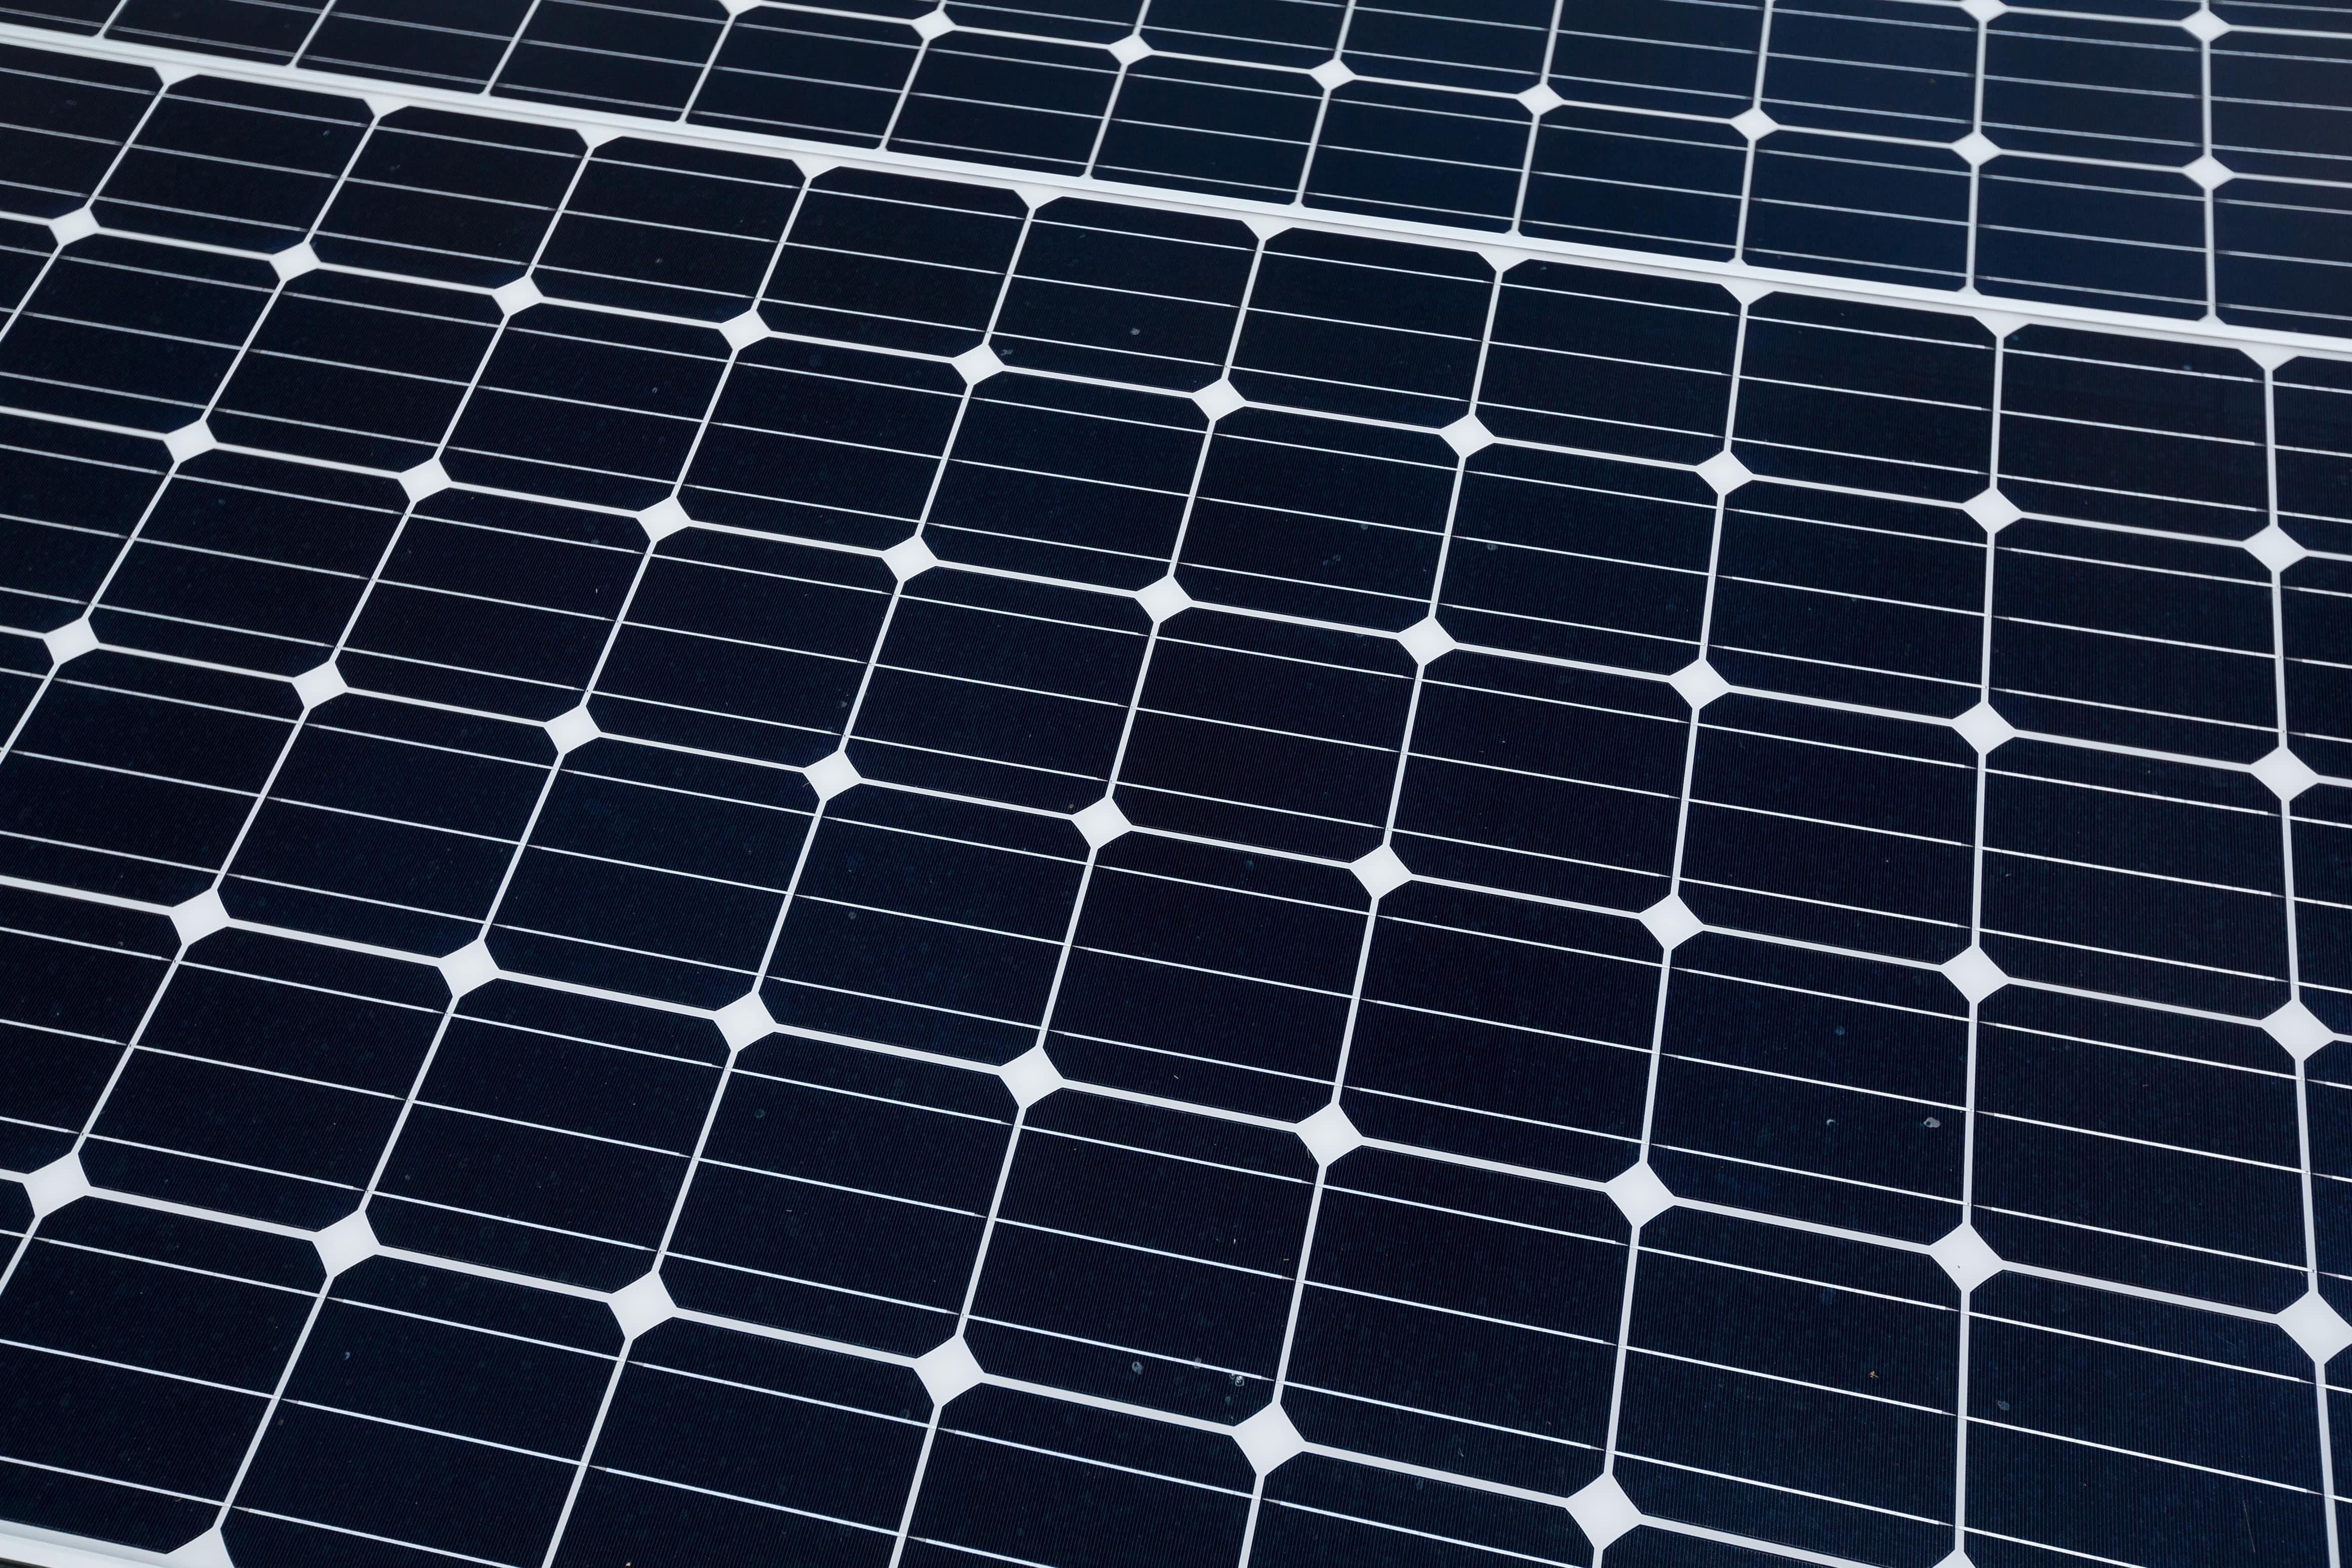 Todo sobre el autoconsumo fotovoltaico